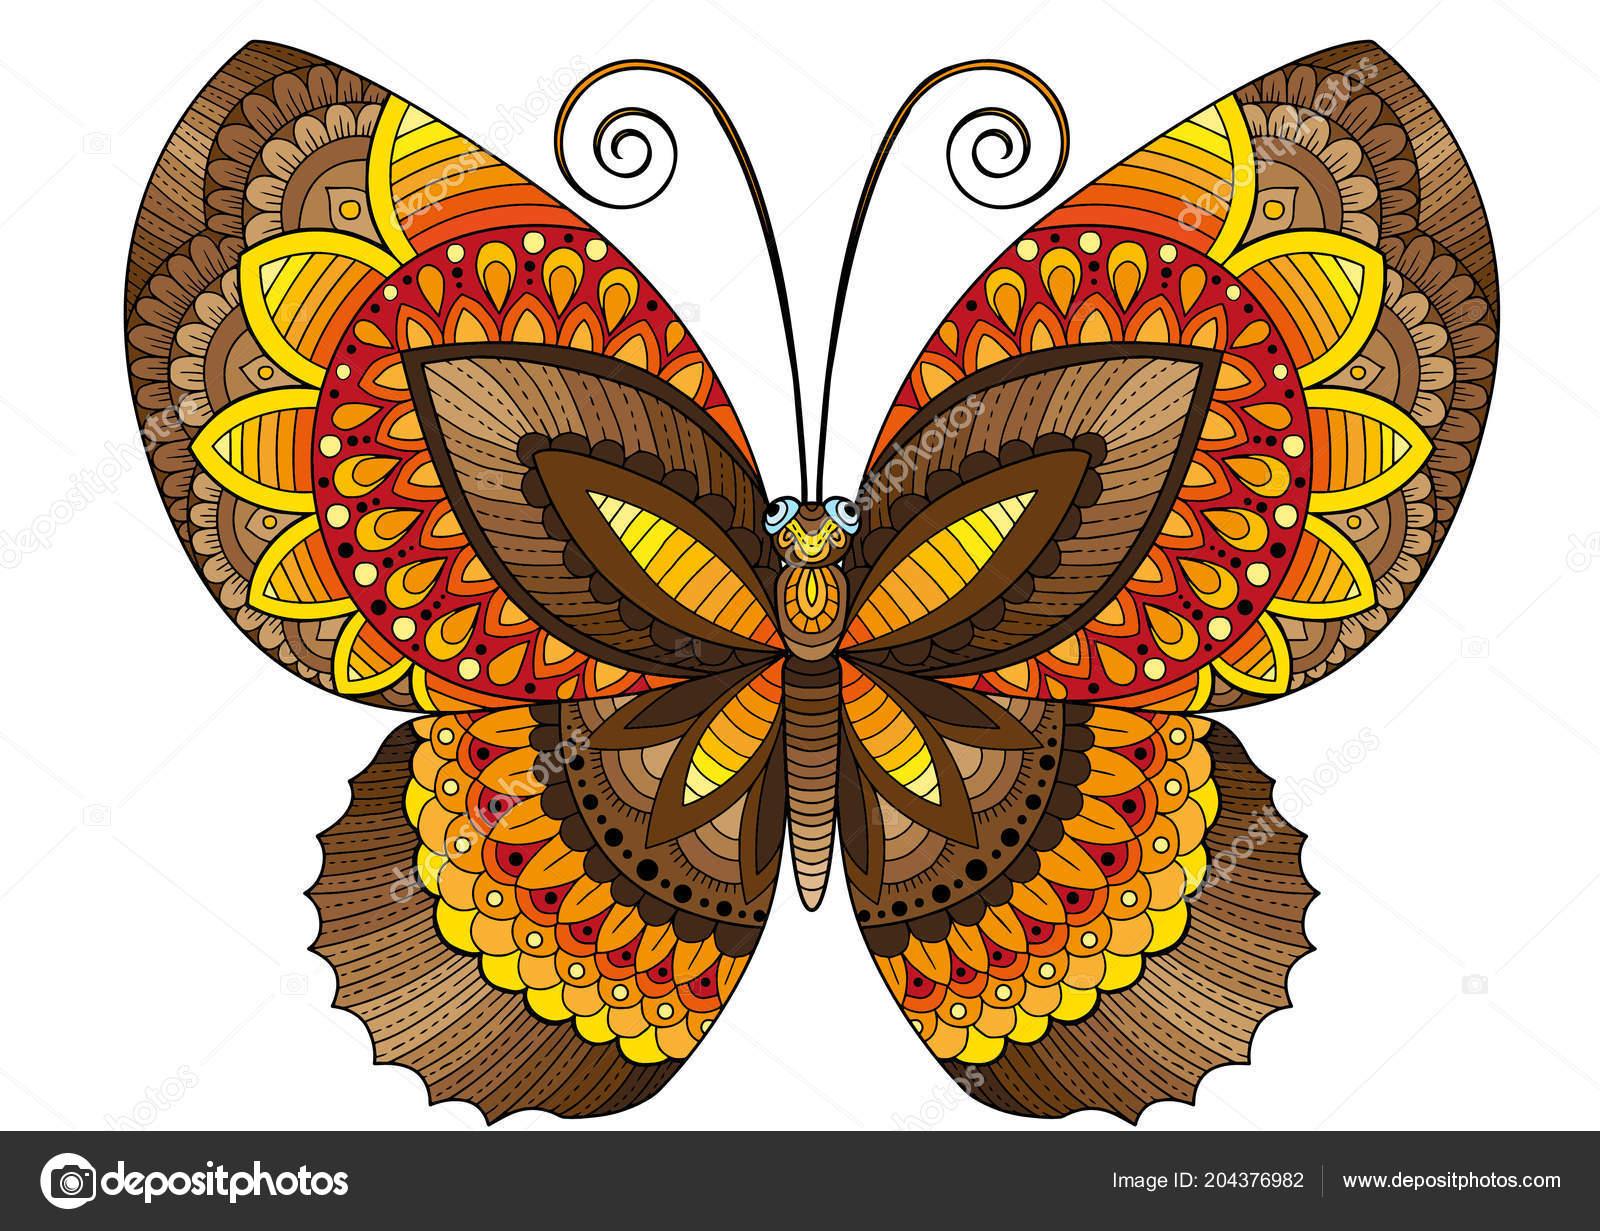 Imagenes De Mariposas De Colores: Mariposas Decorativas Colores Brillantes Imagen Para